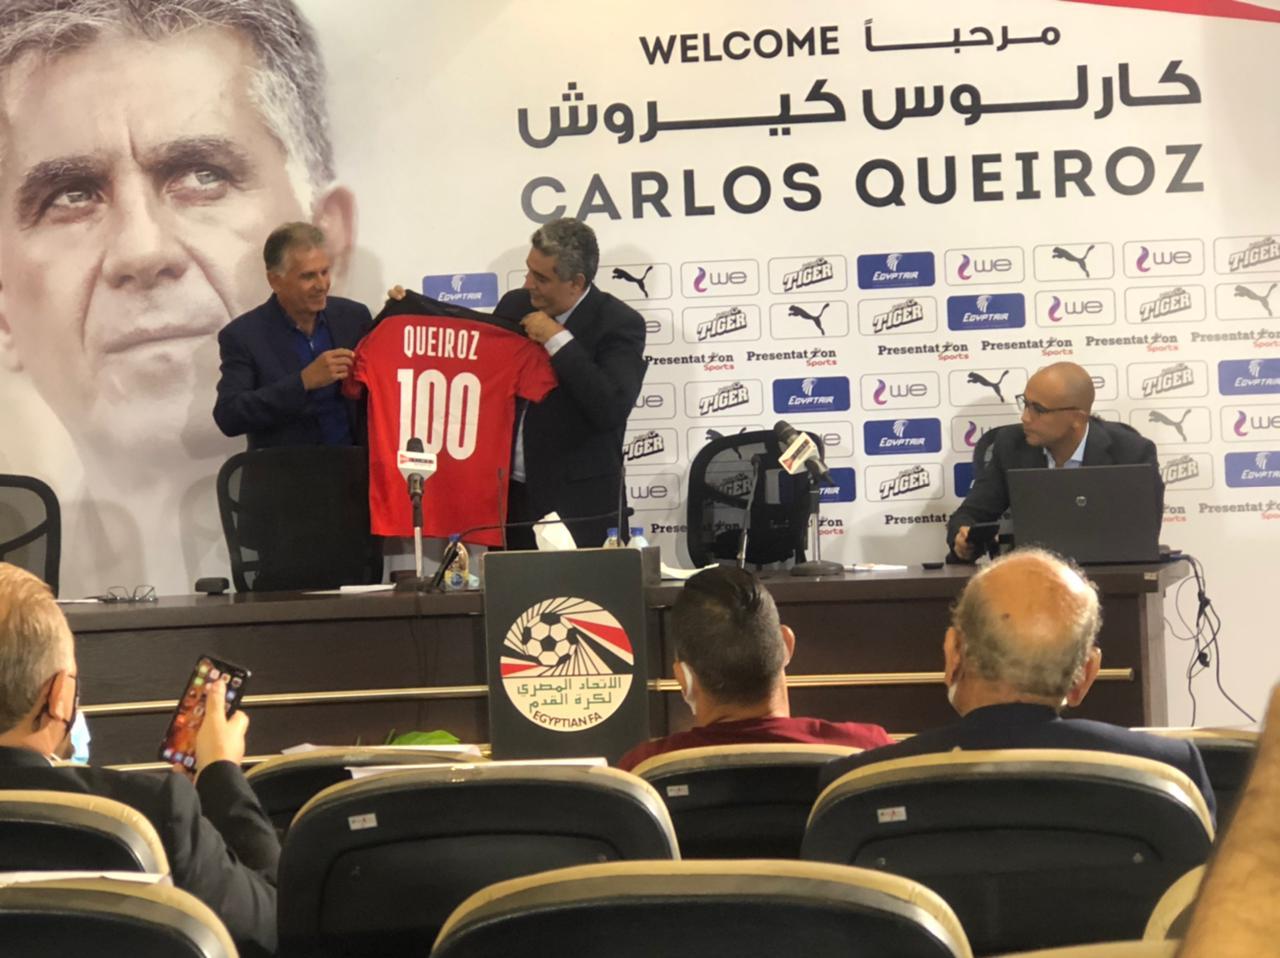 ;كيروش; التاريخ ينتصر لـ ;الفراعنة; أمام ليبيا ويجب على لاعبي المنتخب إثبات ذلك